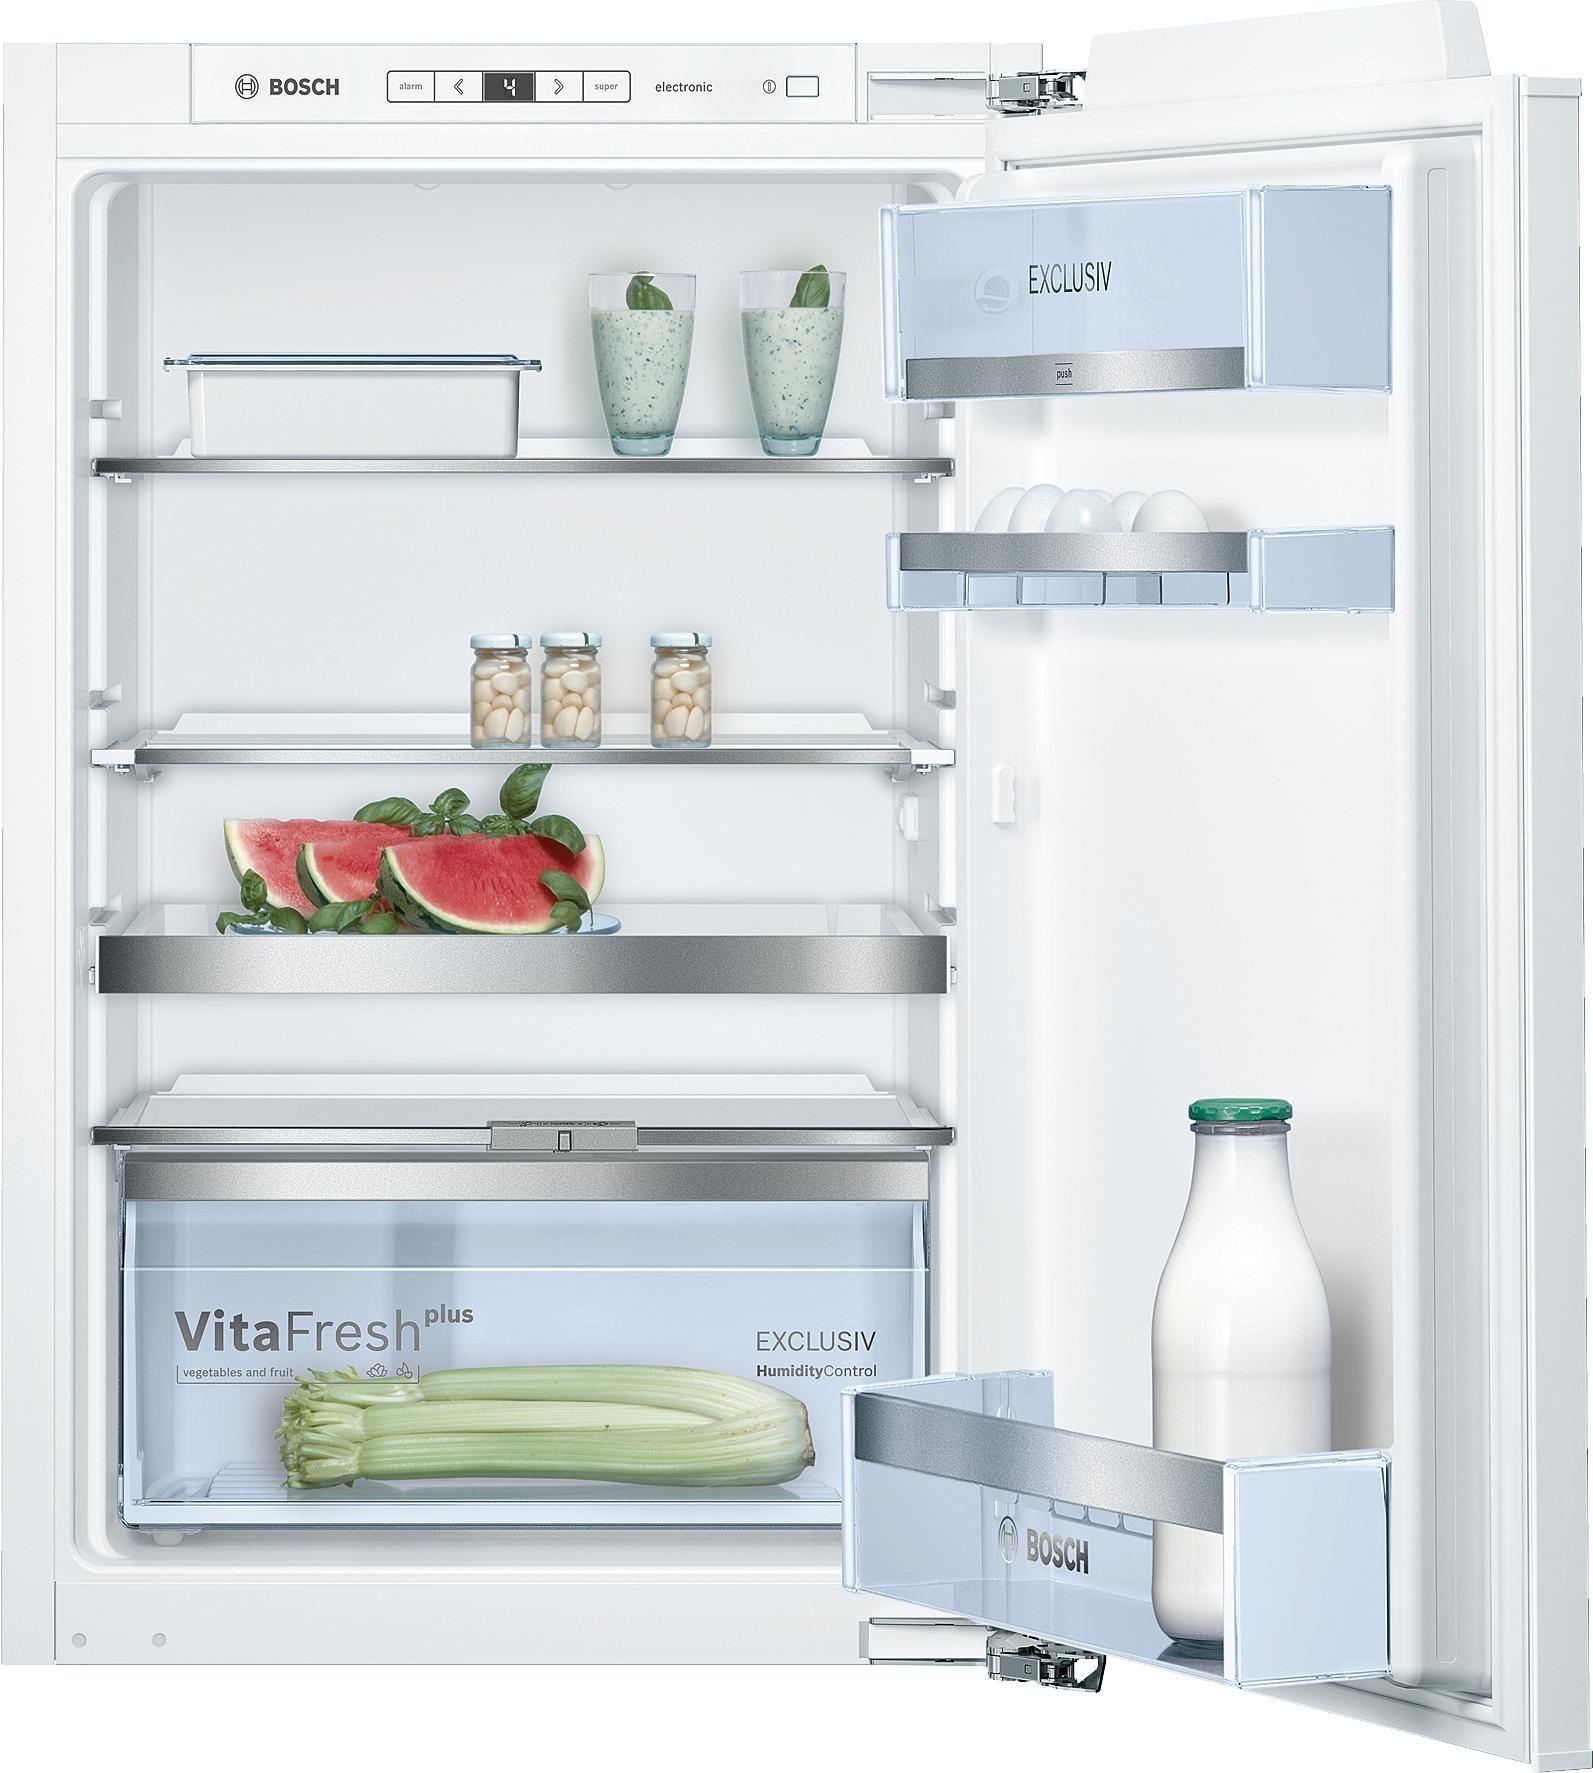 Bosch KIR21ED30 inbouw koelkast